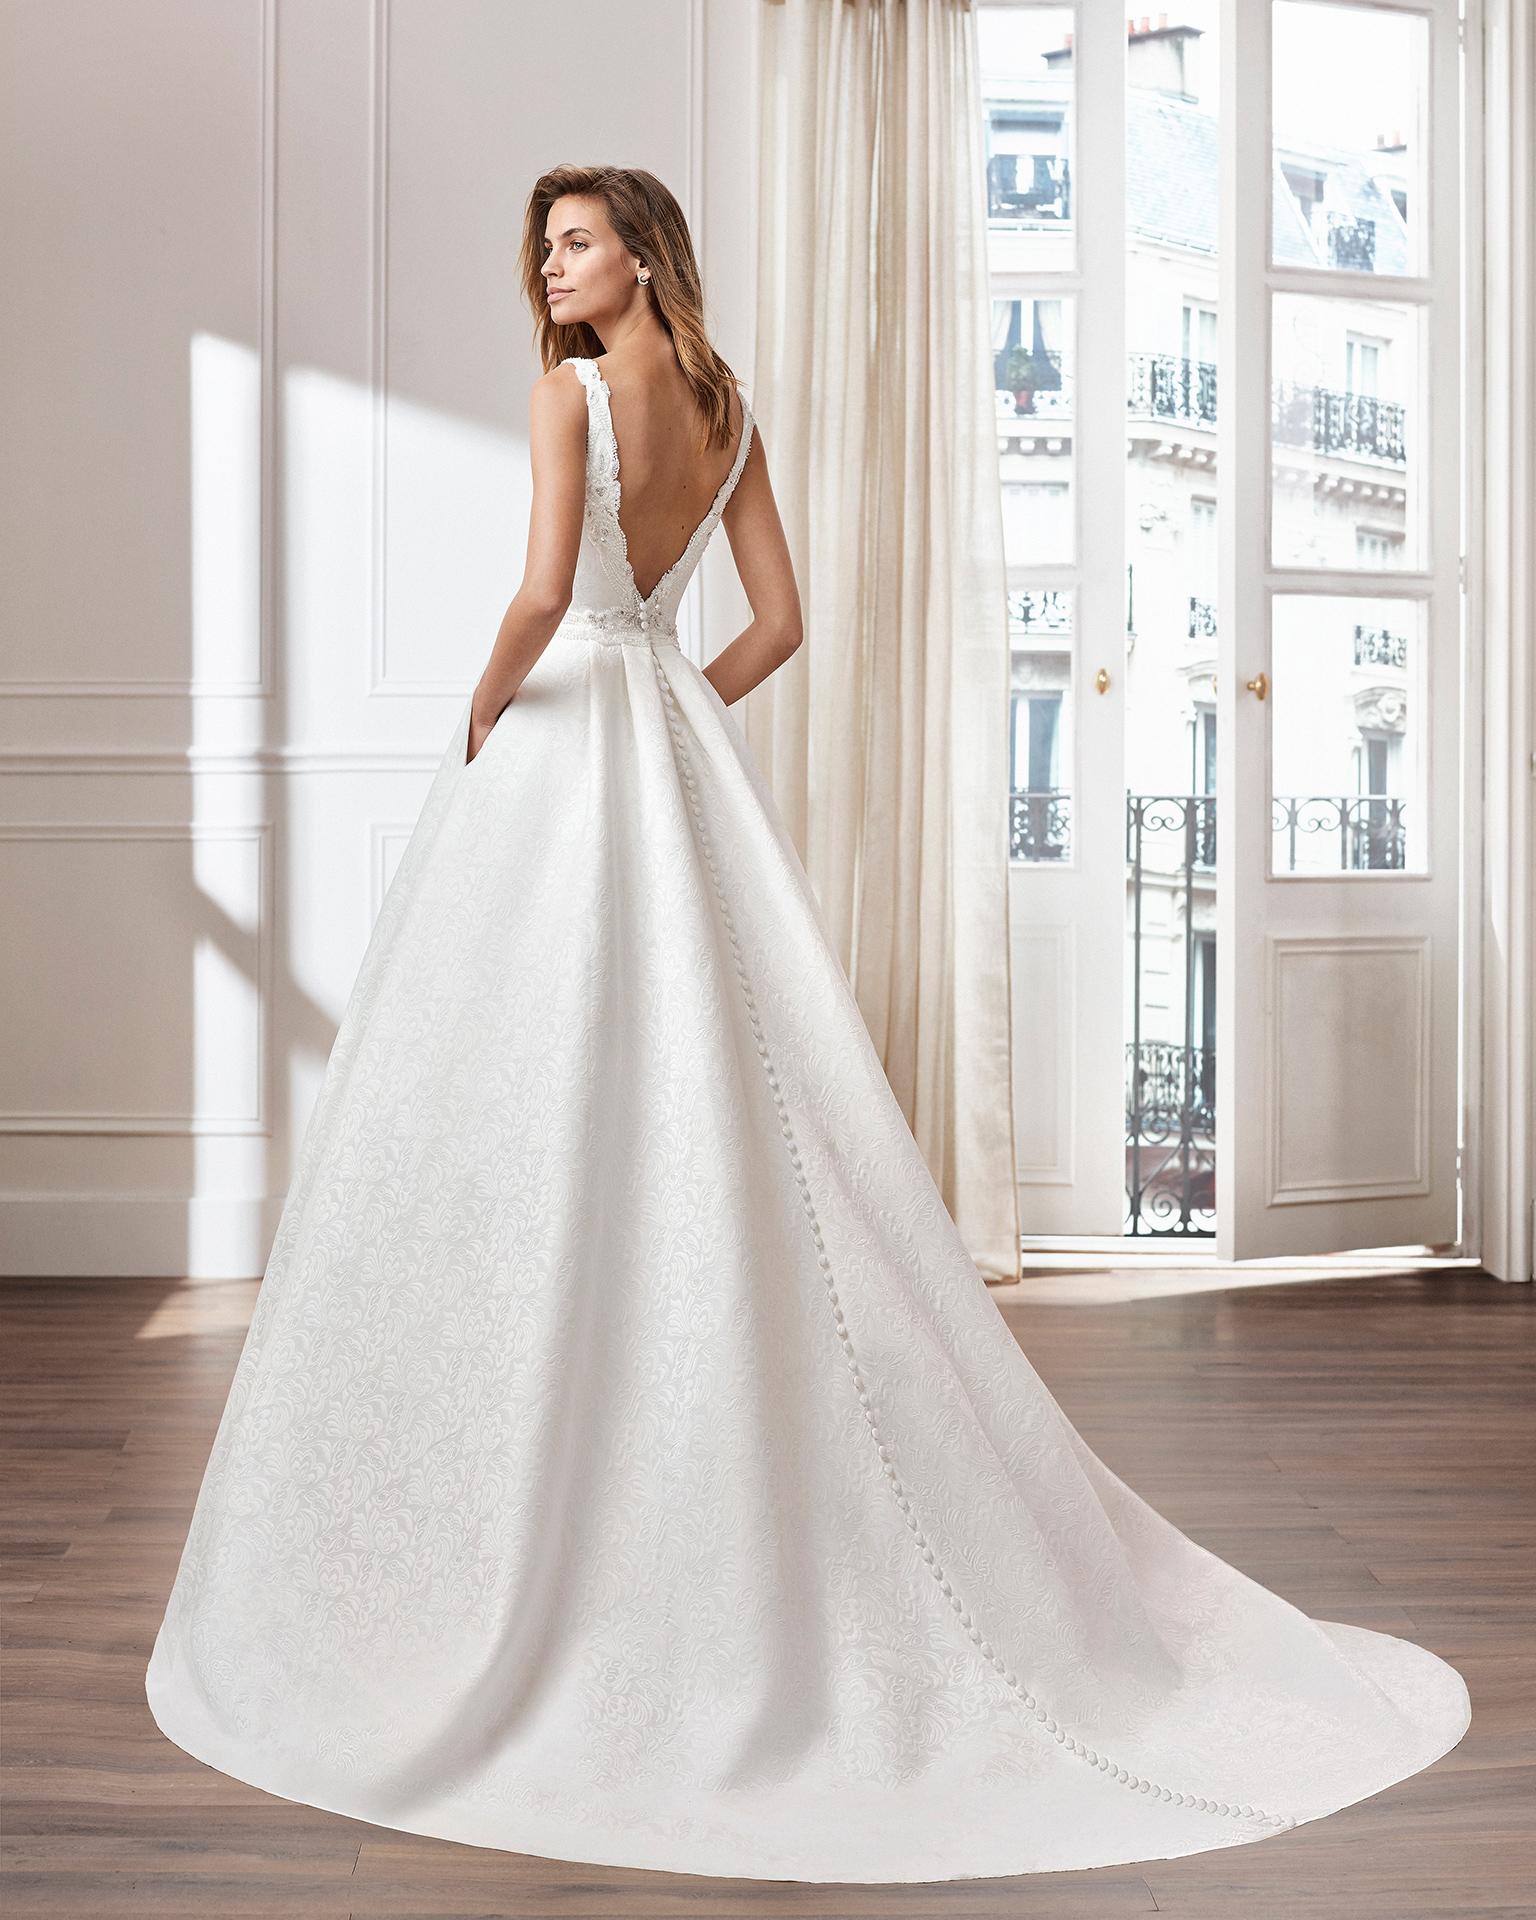 Vestido de novia estilo clásico línea A en brocado. Escote barco y espalda joya. Disponible en color natural. Colección  2019.